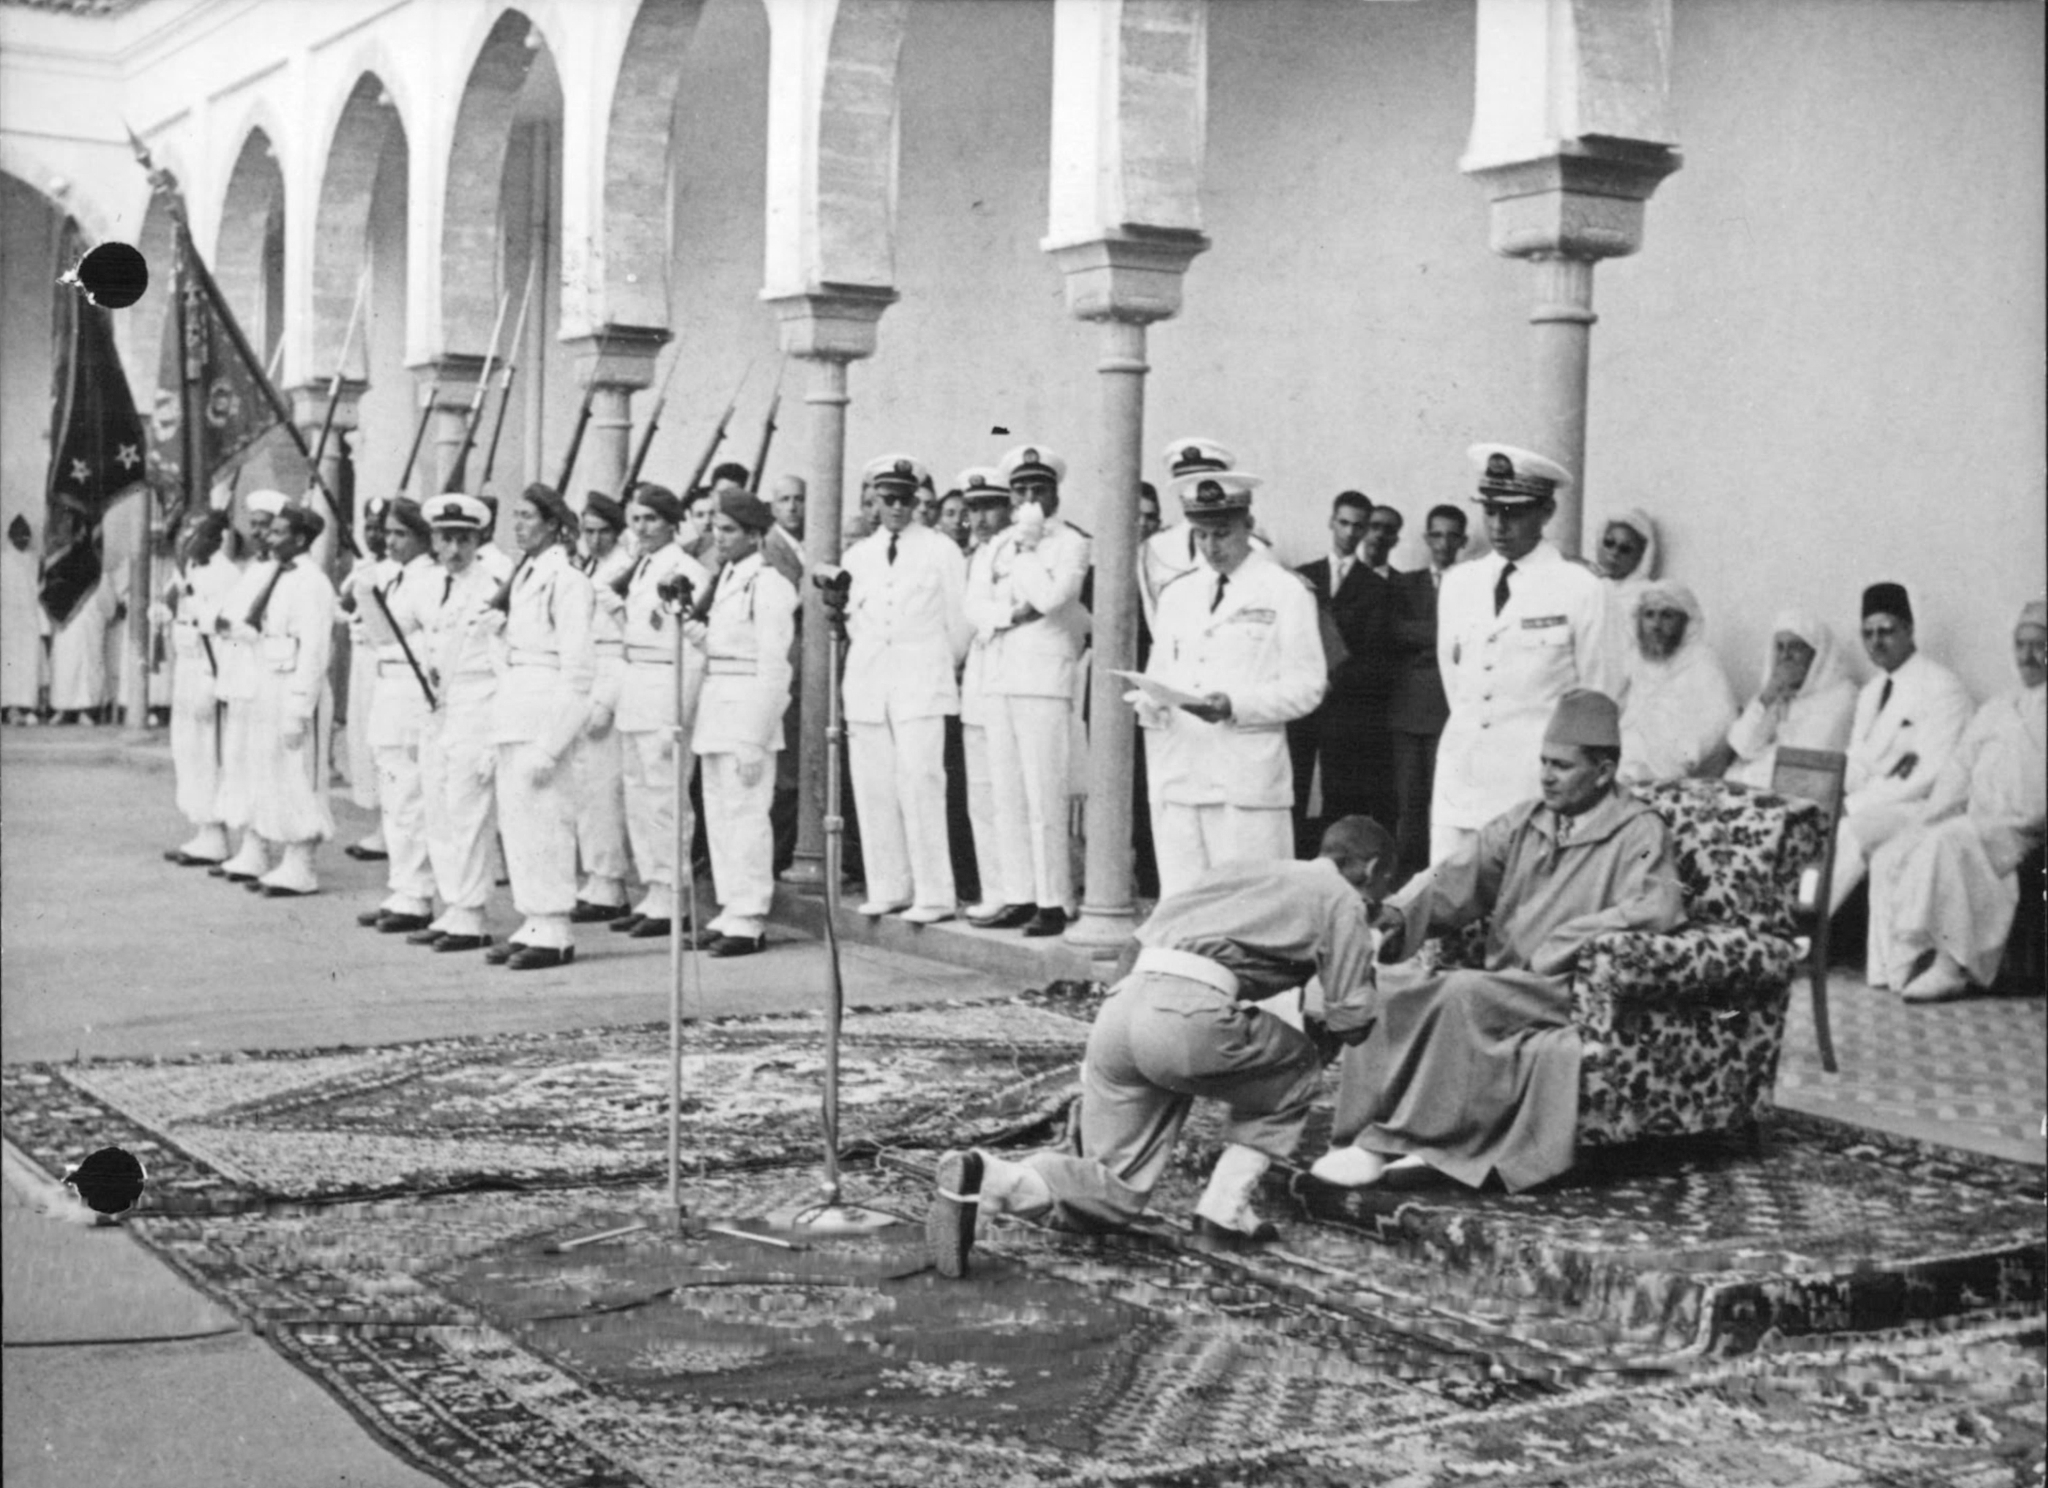 Les Officiers de la promotion Mohammed V - 1956/57 - Page 2 50160542698_5bf0746de0_o_d